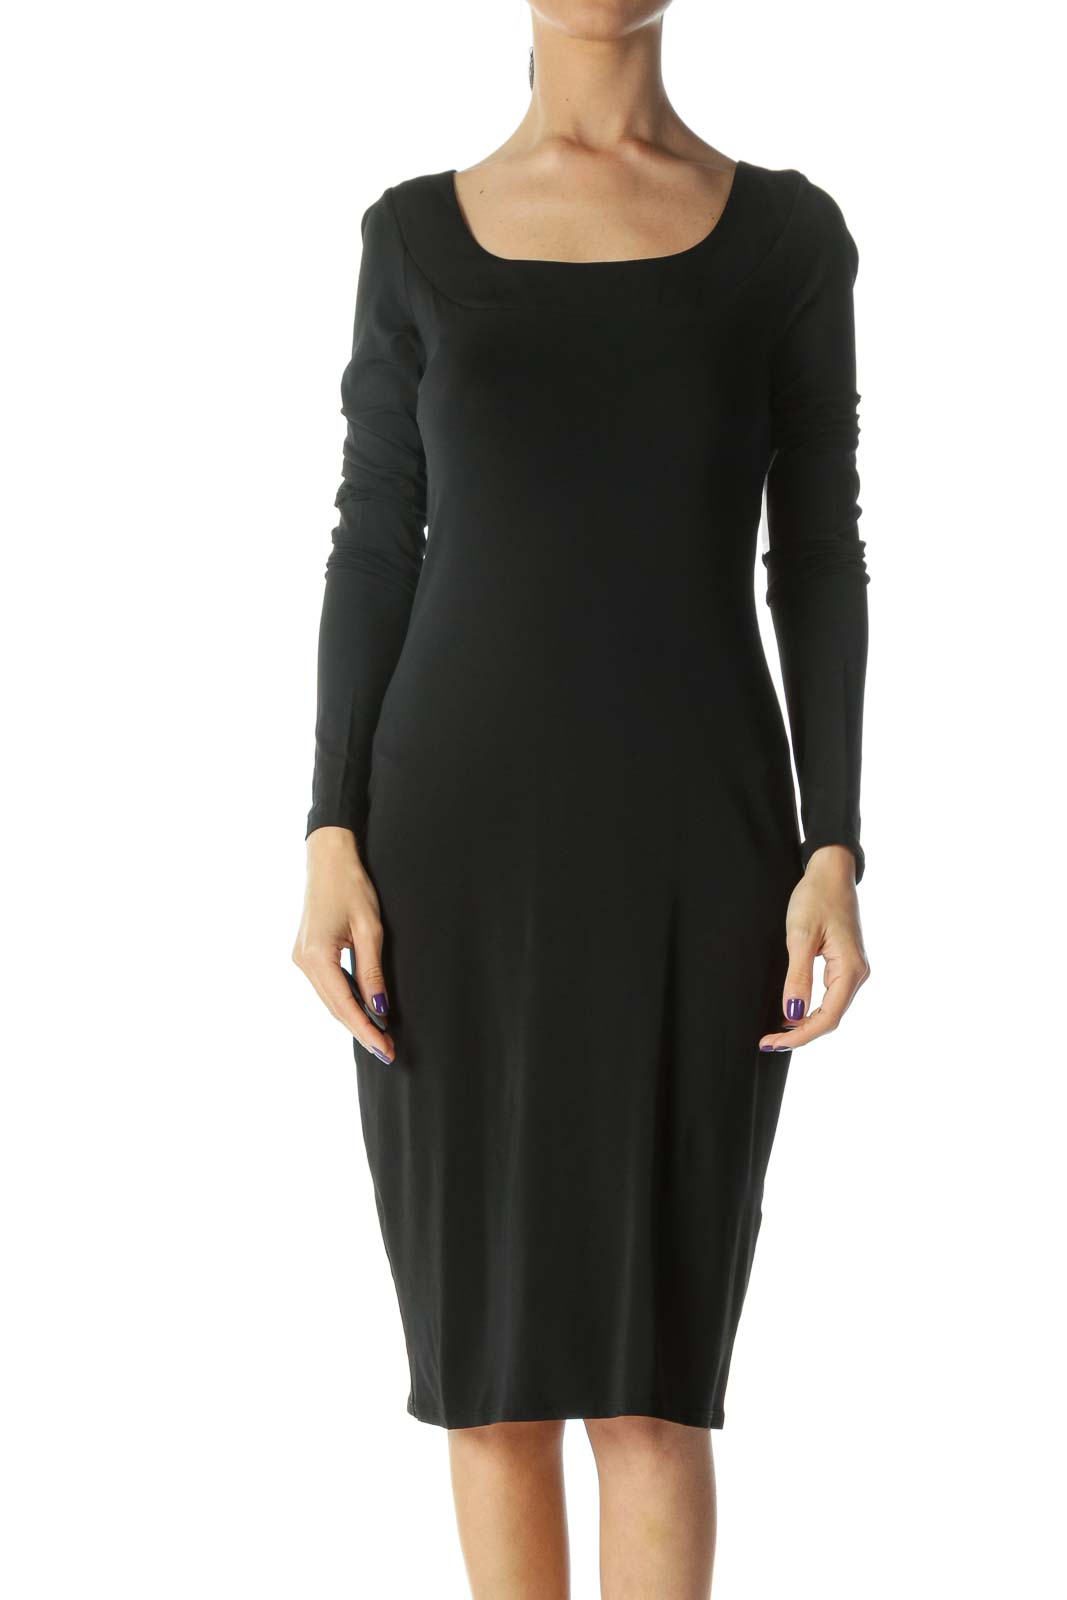 Black Cowl Back Dress Front